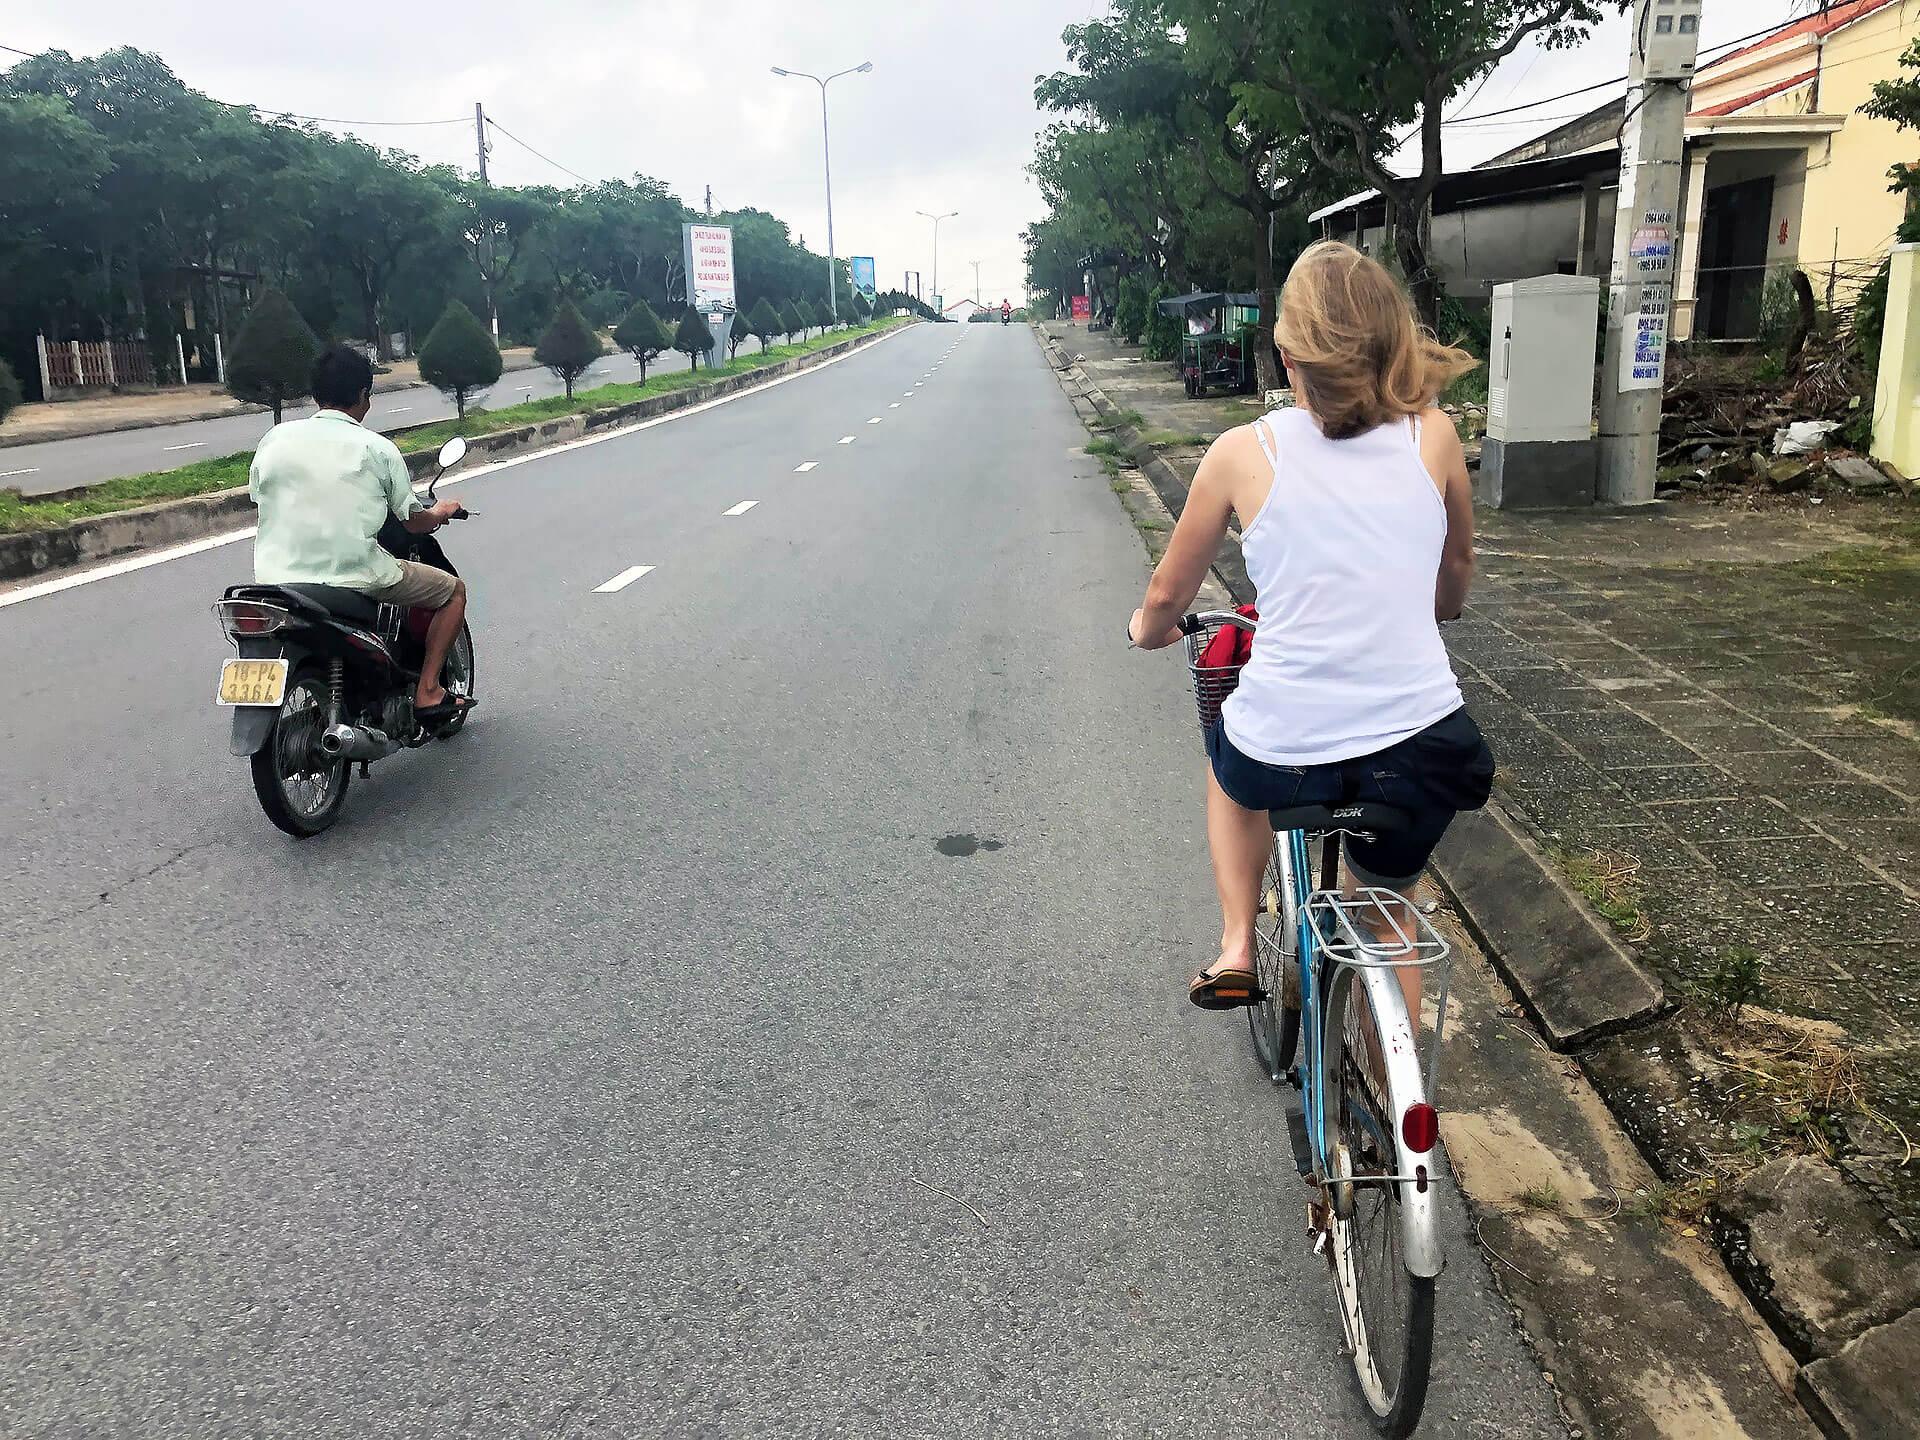 Taschi auf dem Fahrrad in Hoi An